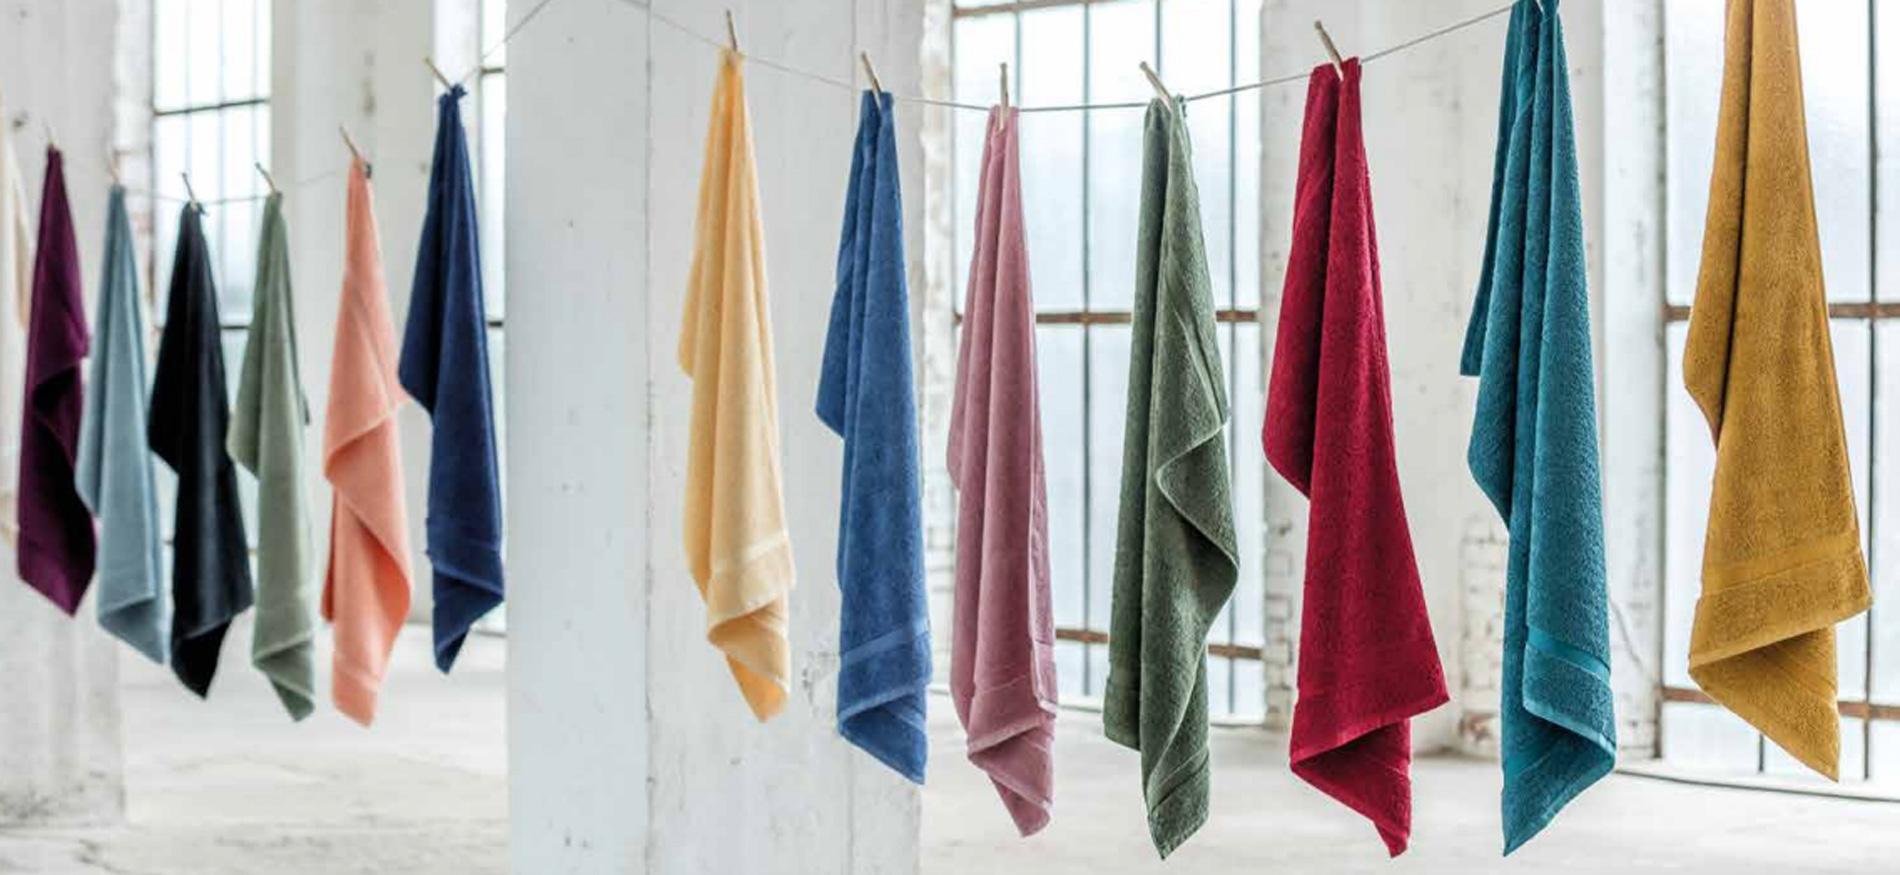 Rhomtuft Towels